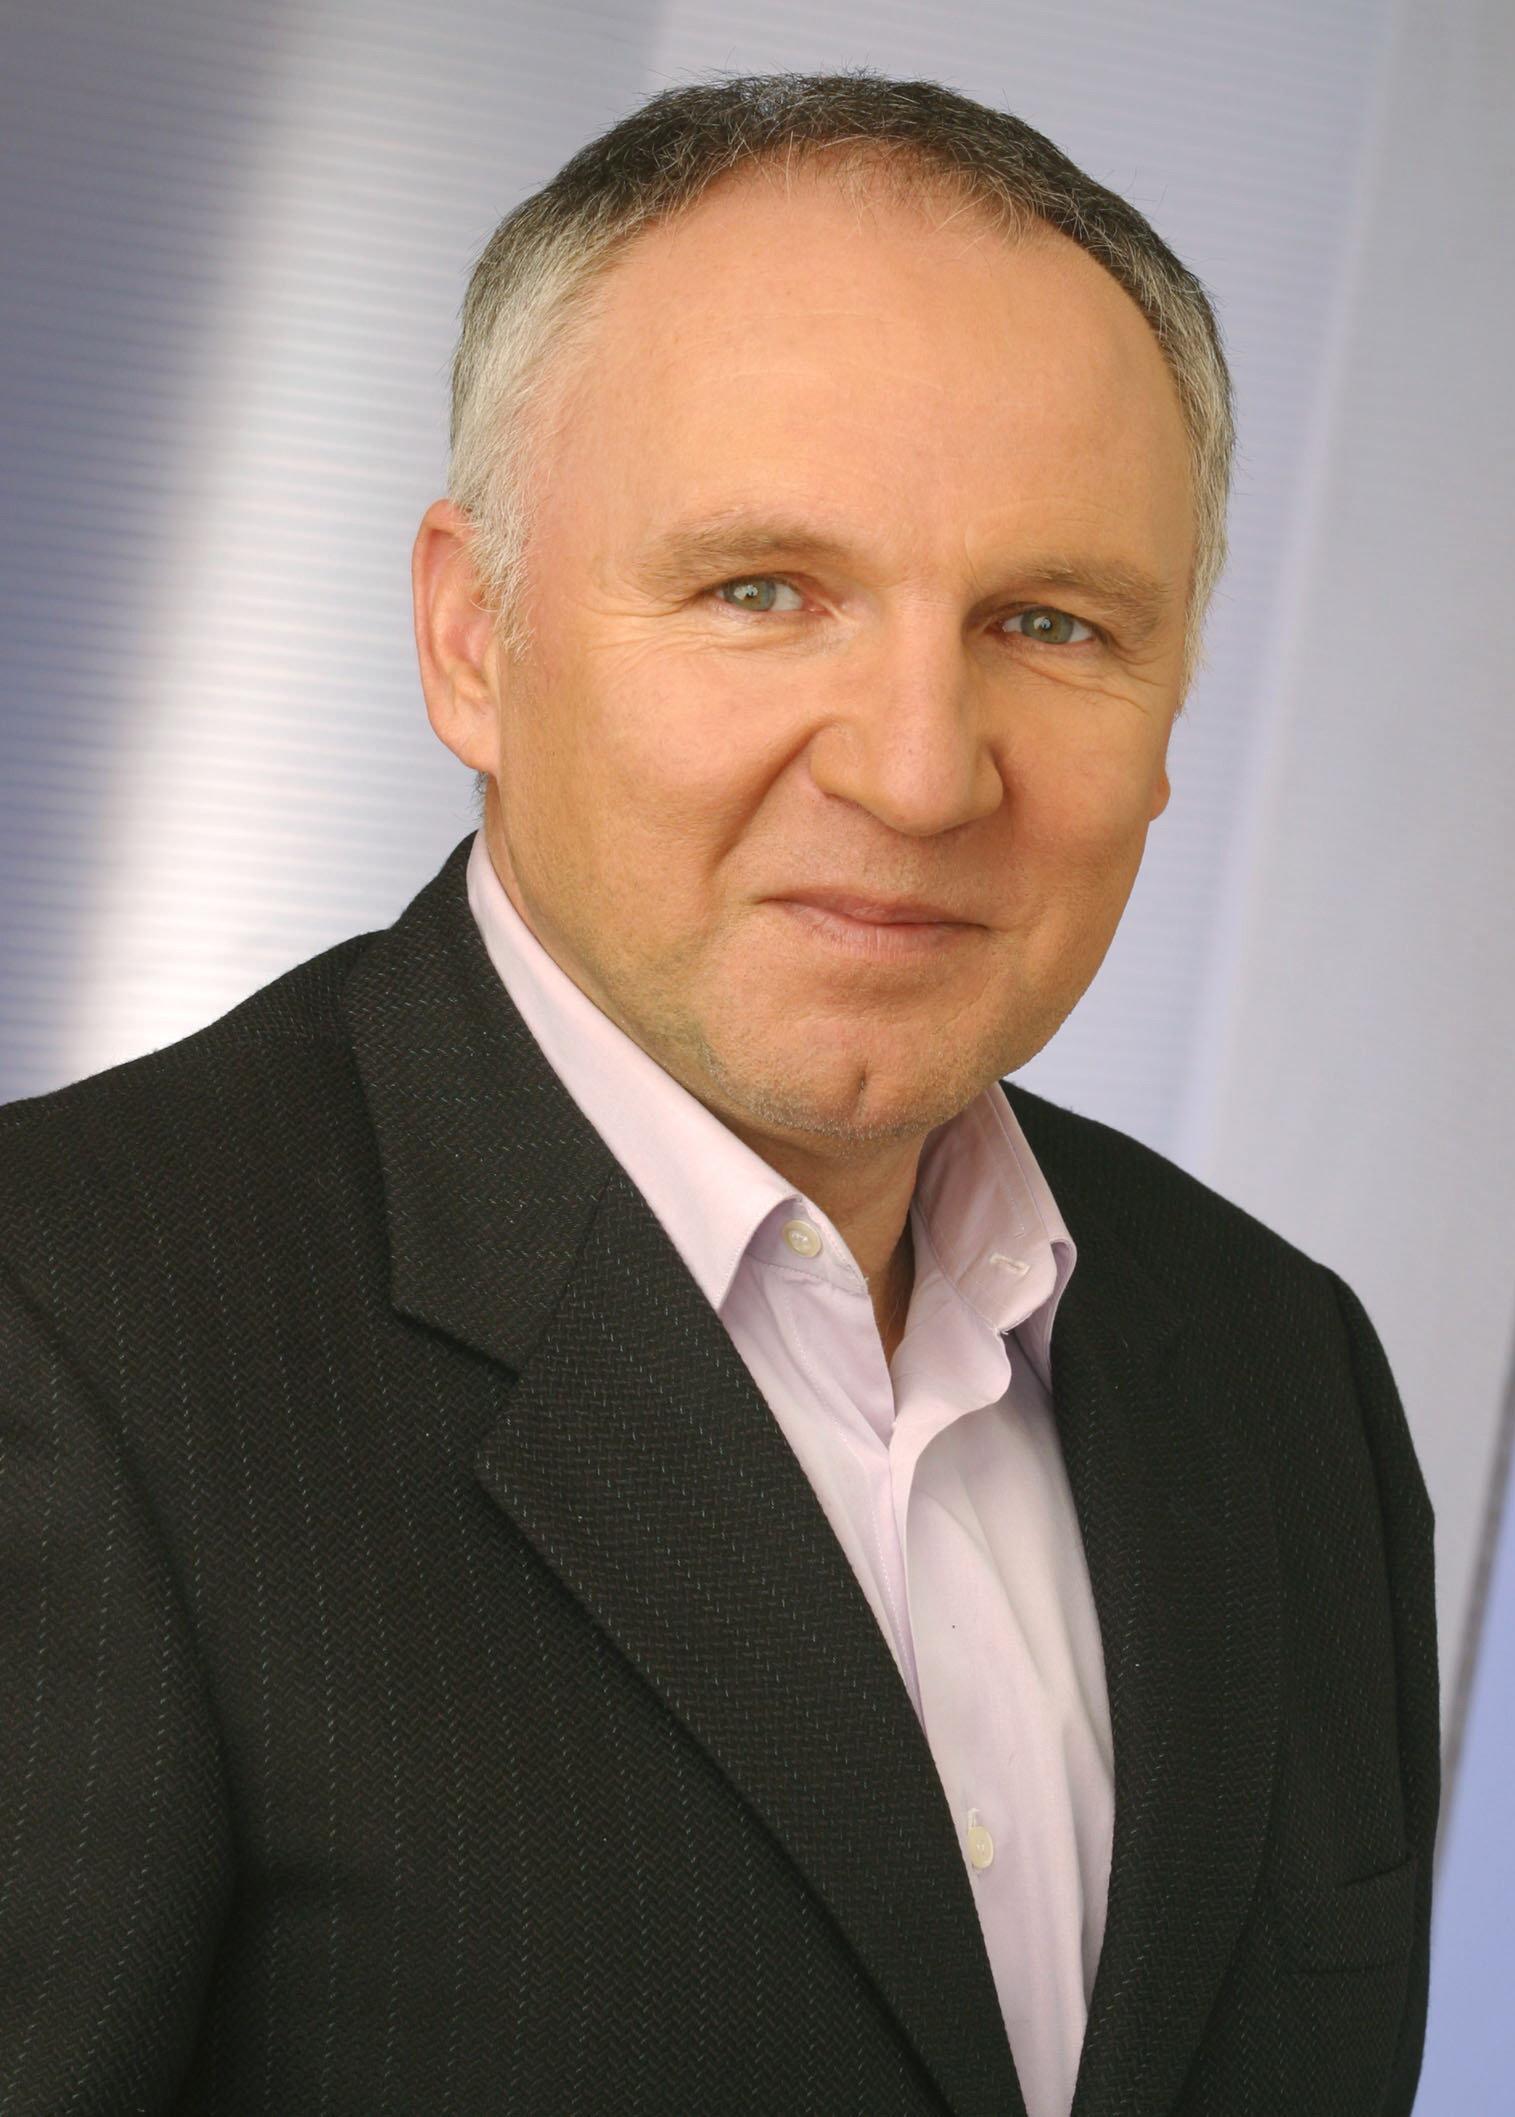 Karl Amon, directeur du pôle radio à l'ORF. © ORF